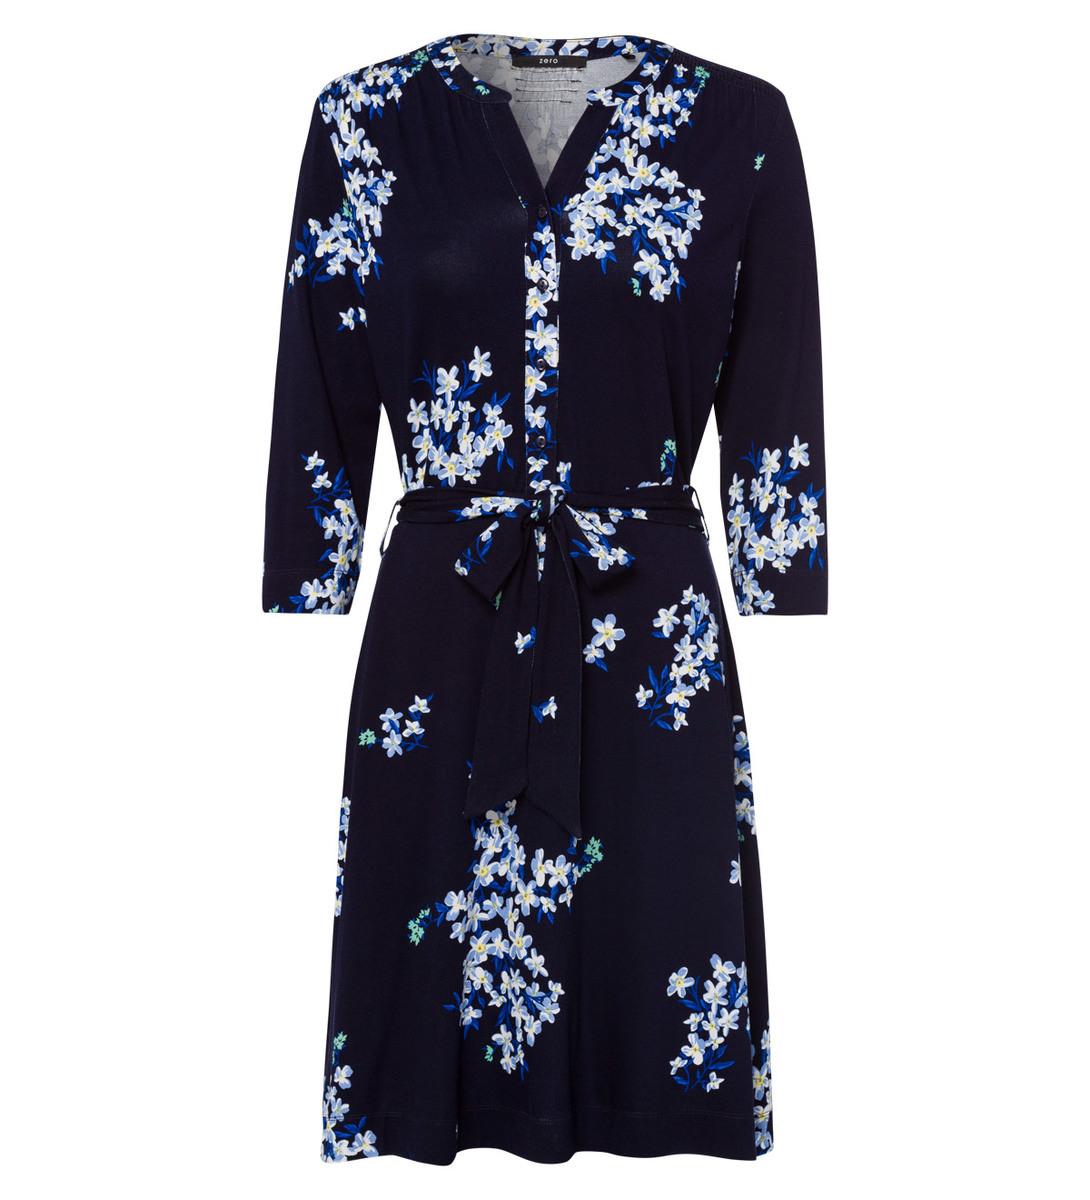 Kleid mit Blütenmuster in blue black